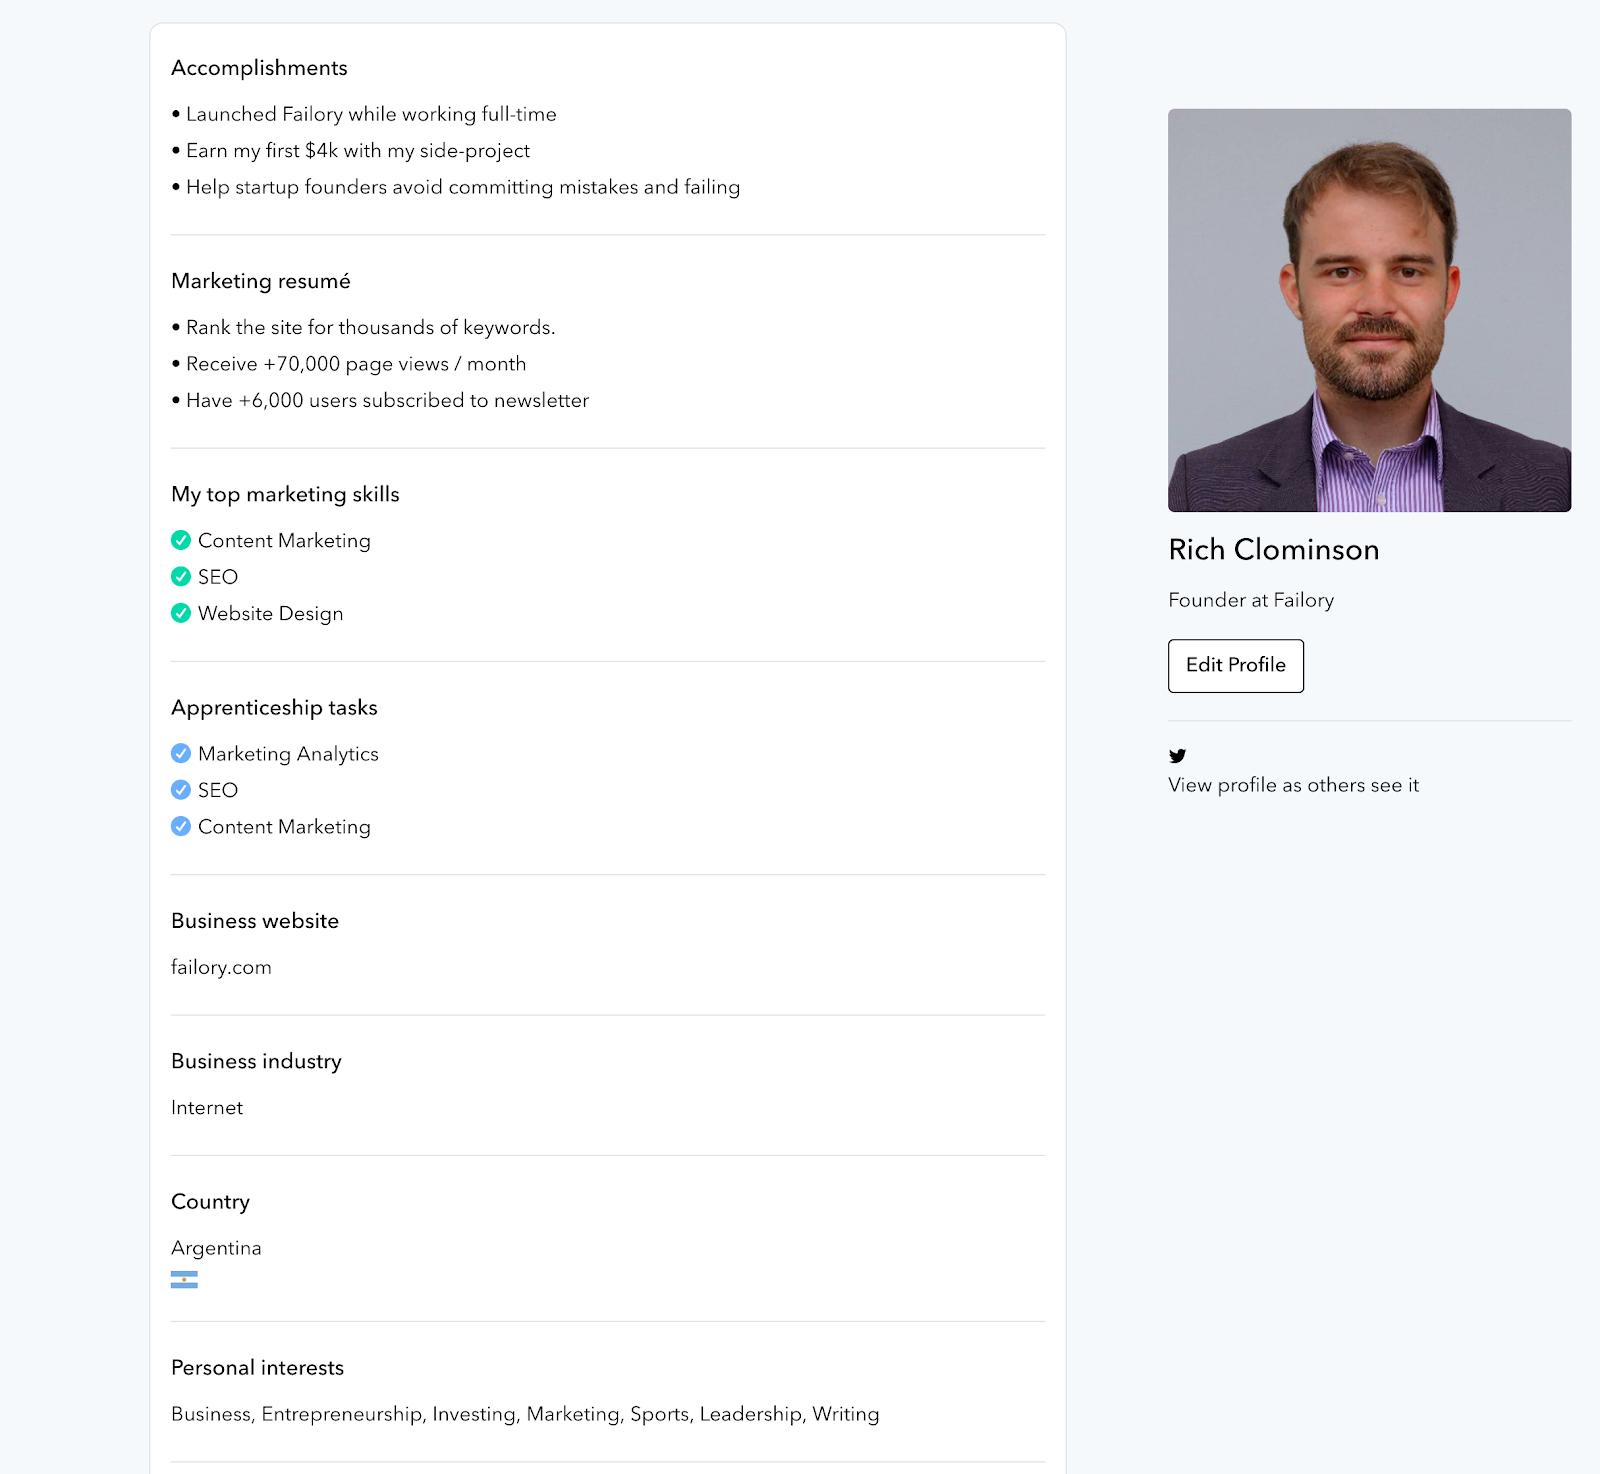 GenM Profile